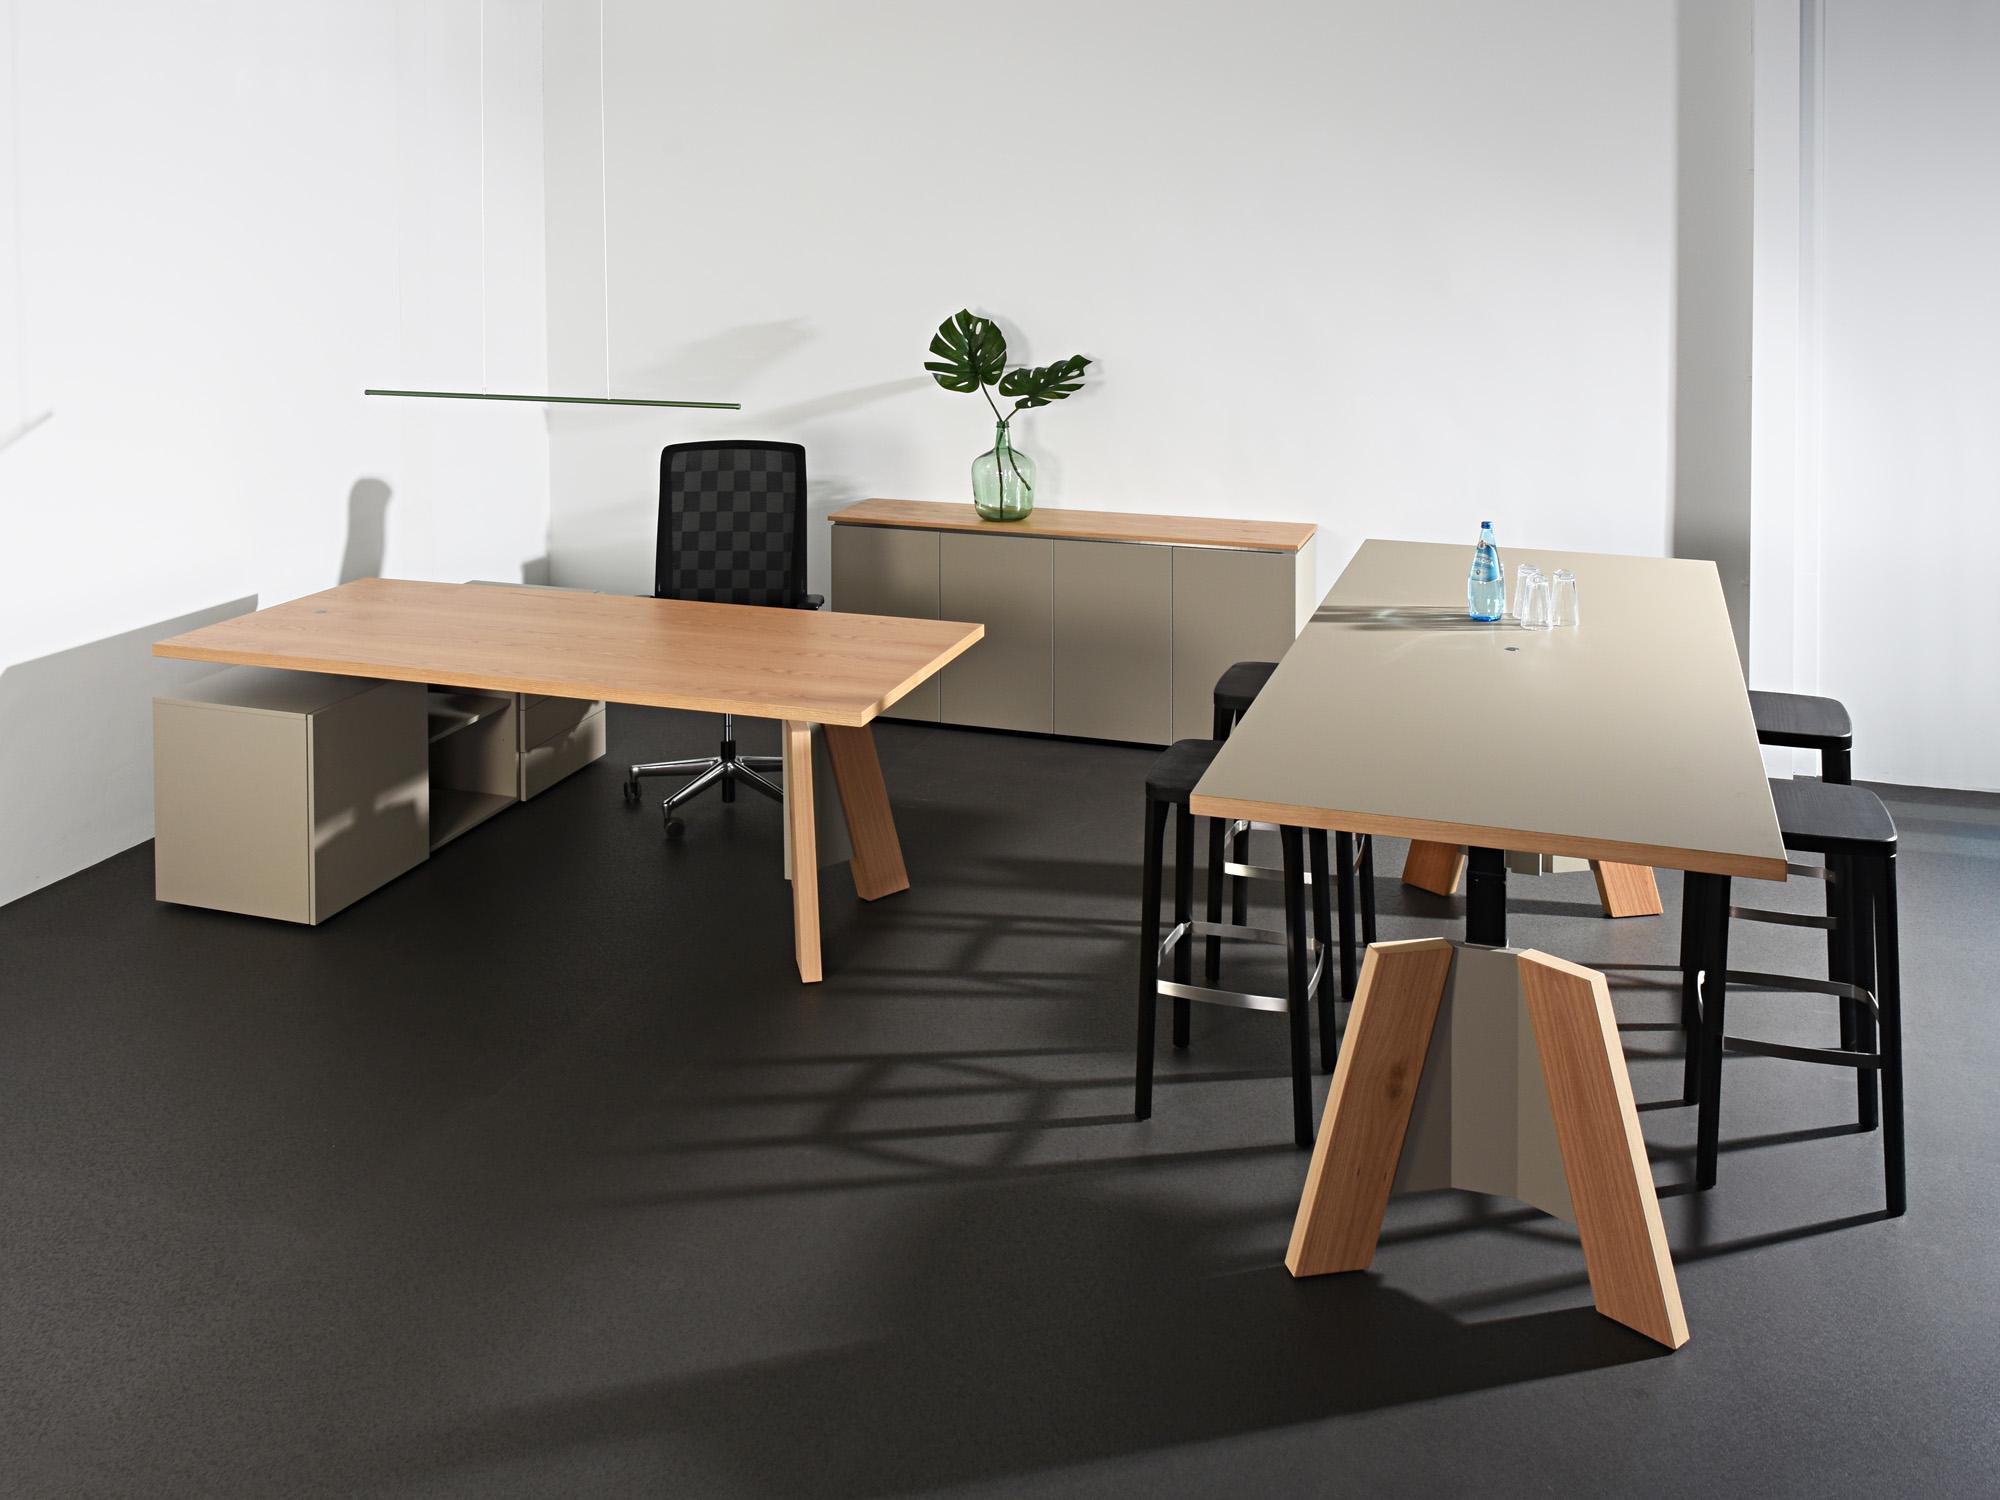 TSP-zitsta bureau, TSP-zitsta tafel en TSP-kast, ontwerp door Castelijn Team